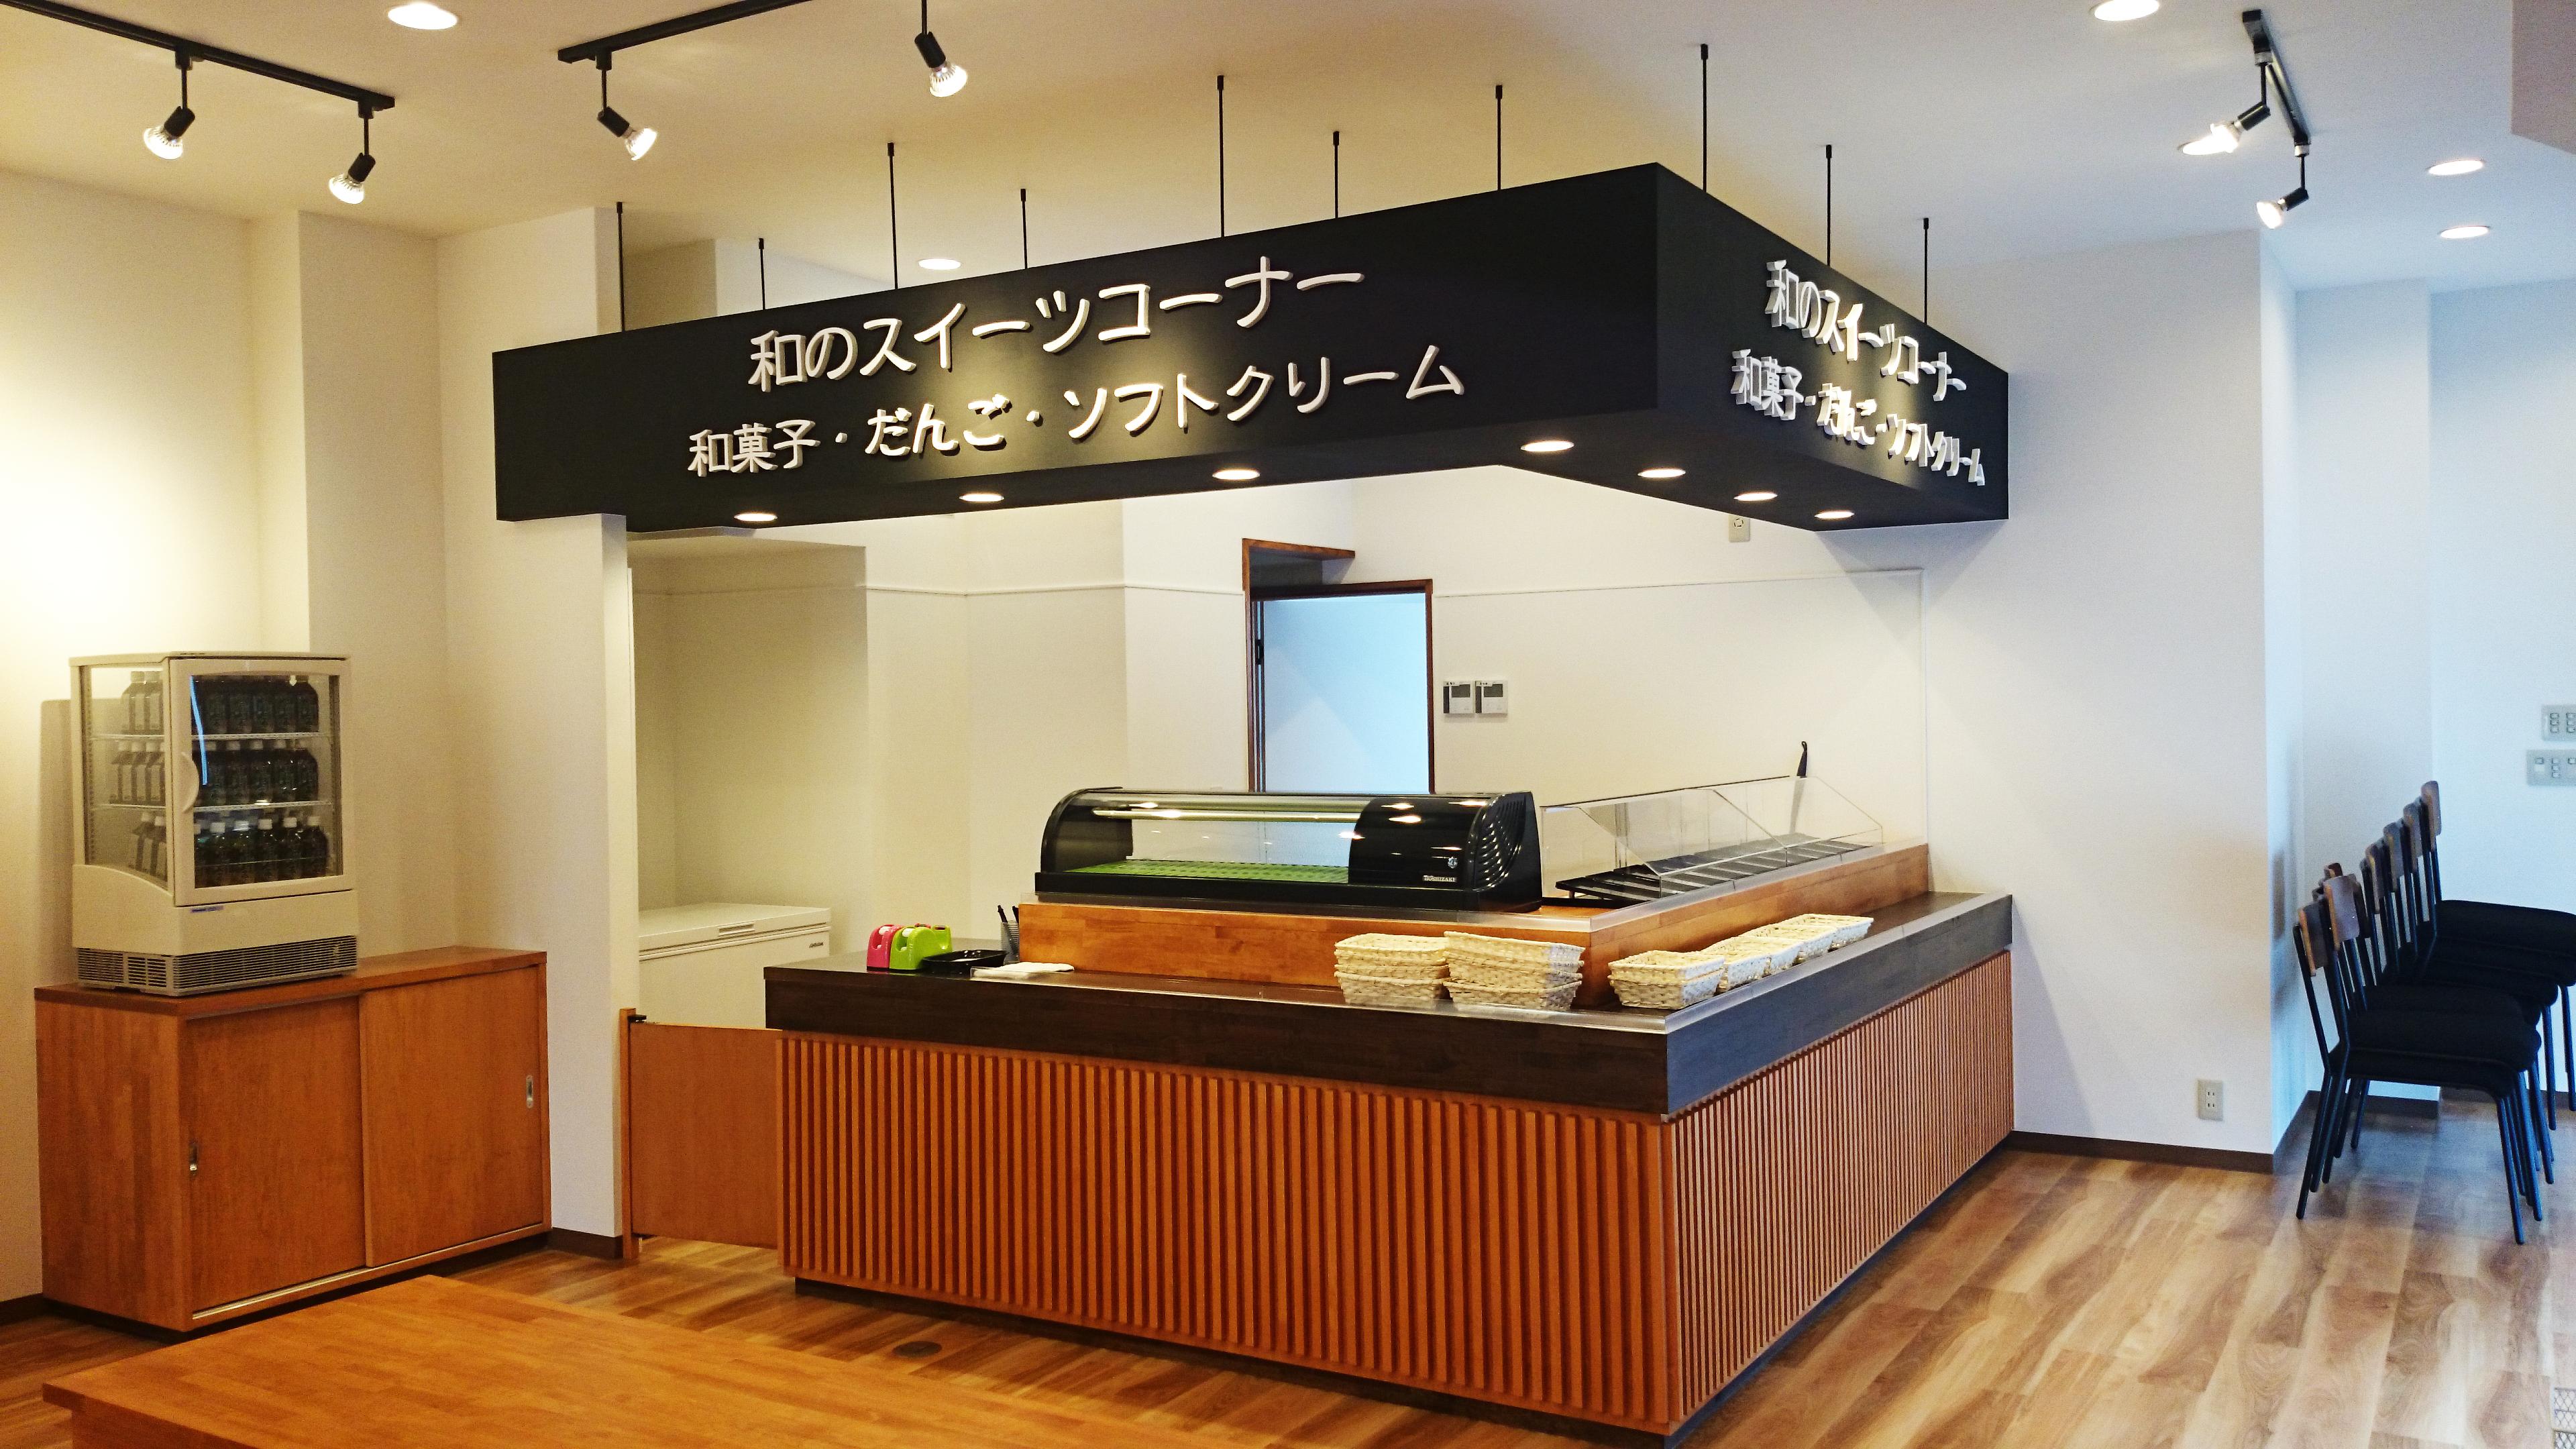 gra′Herun (ぐらへるん)の店内の様子です